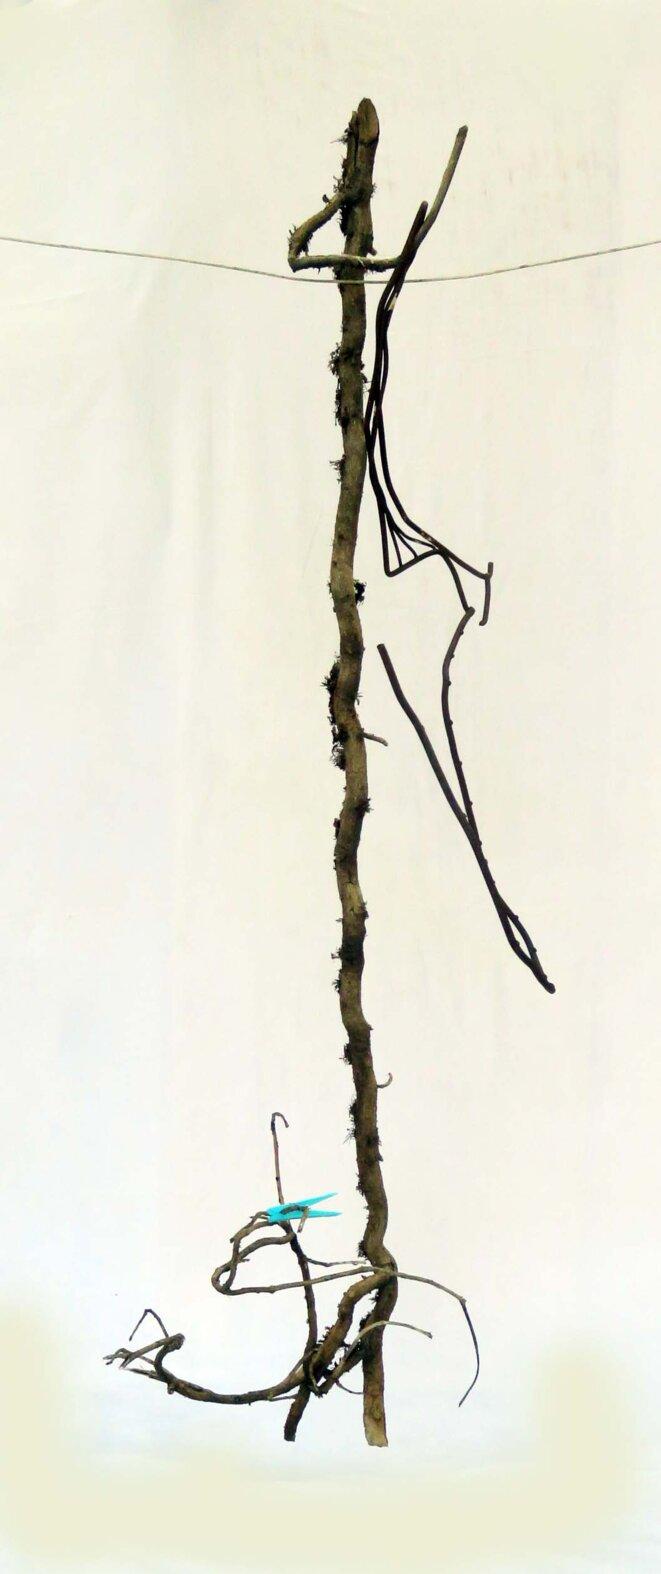 Jean Maureille, pièce de l'installation « Linge éphémère », branche de lierre avec pince à linge, 2019